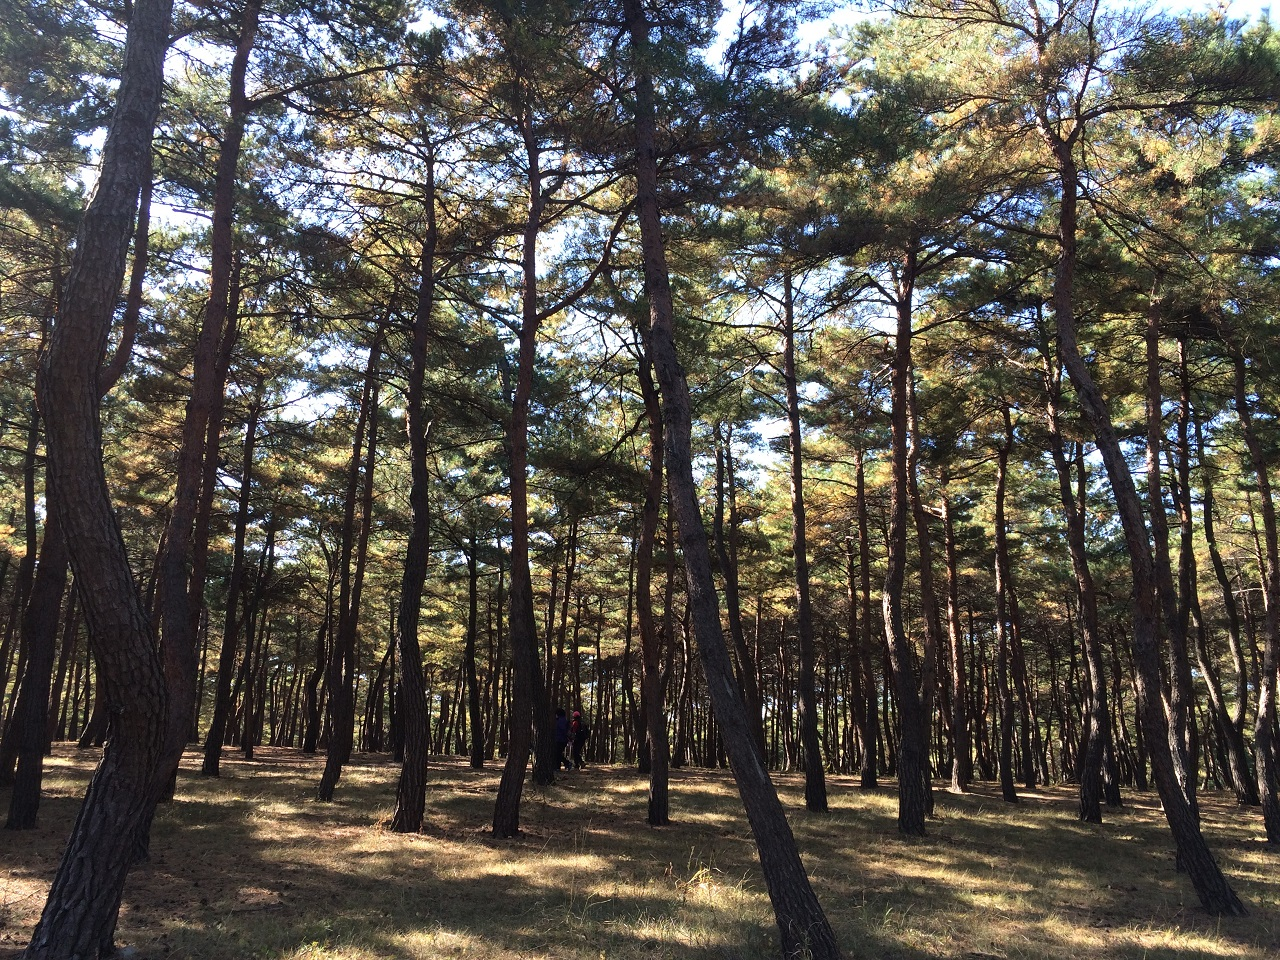 소나무 숲 힐링로드라는 이름답게 바우길을 걸으면 산림욕을 즐길 수 있다